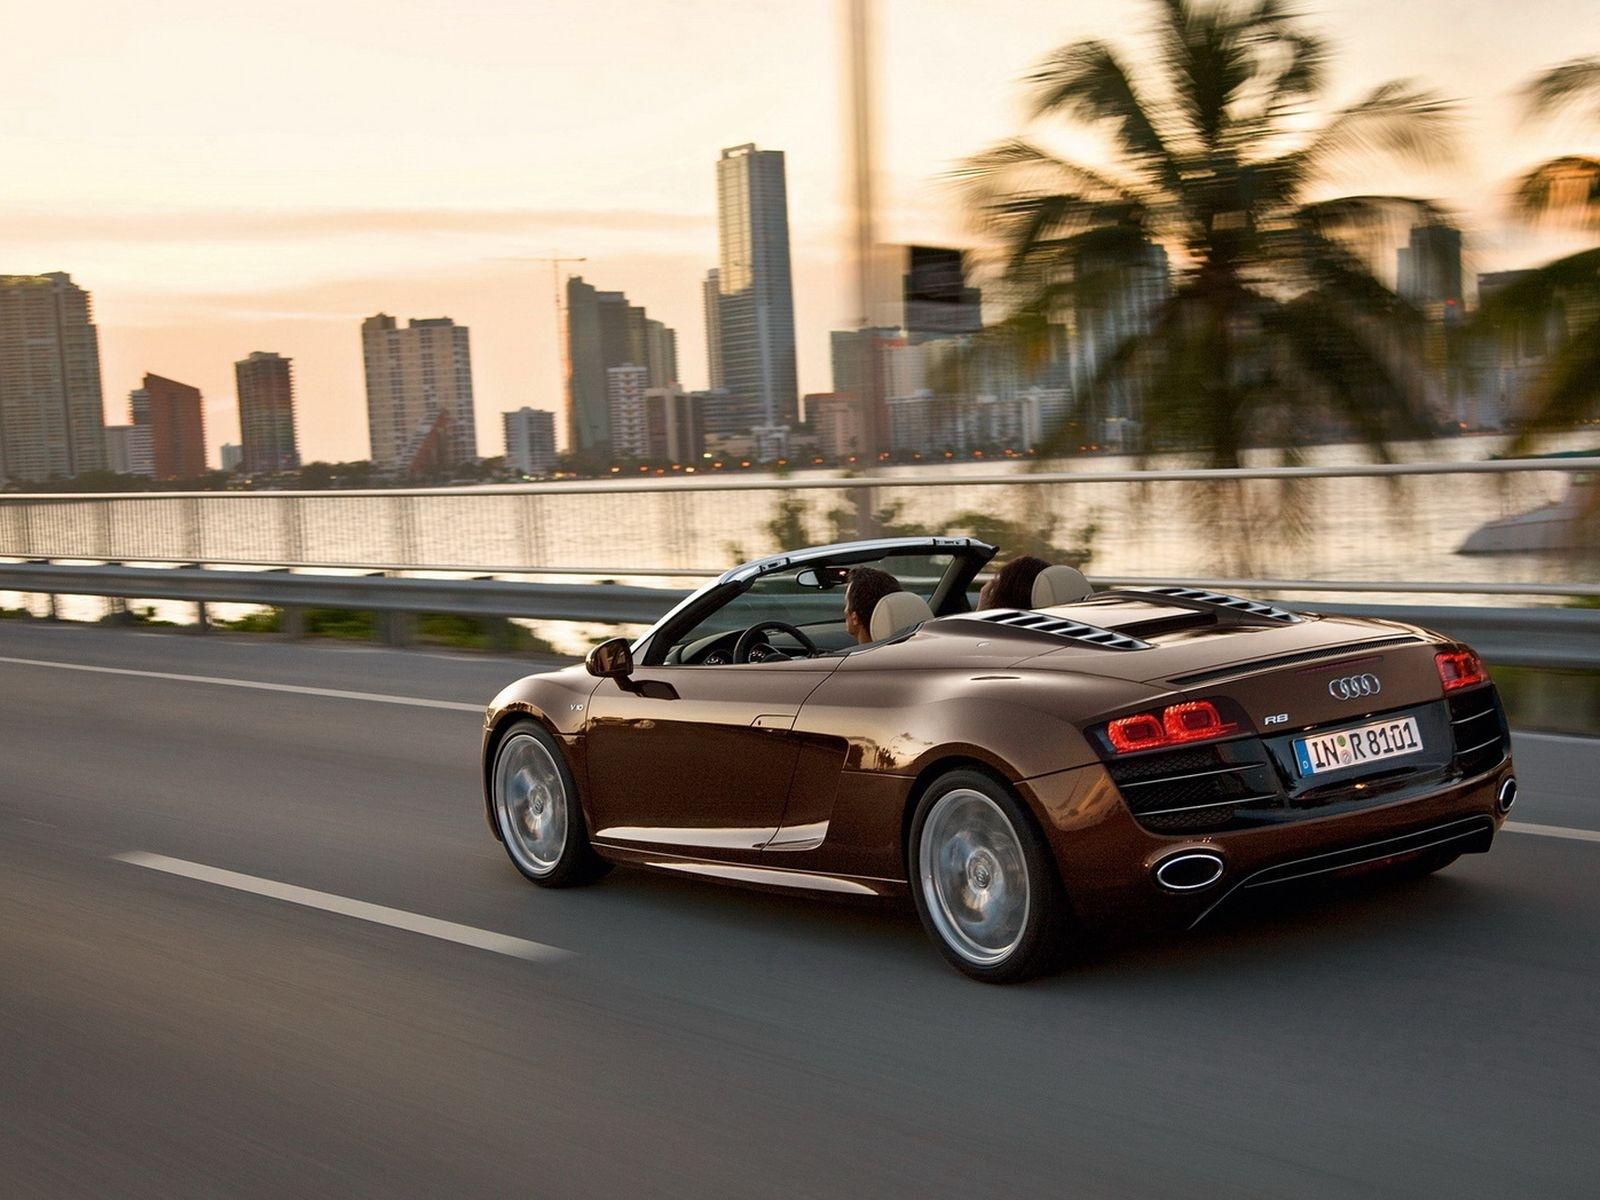 8698 скачать обои Транспорт, Машины, Ауди (Audi) - заставки и картинки бесплатно